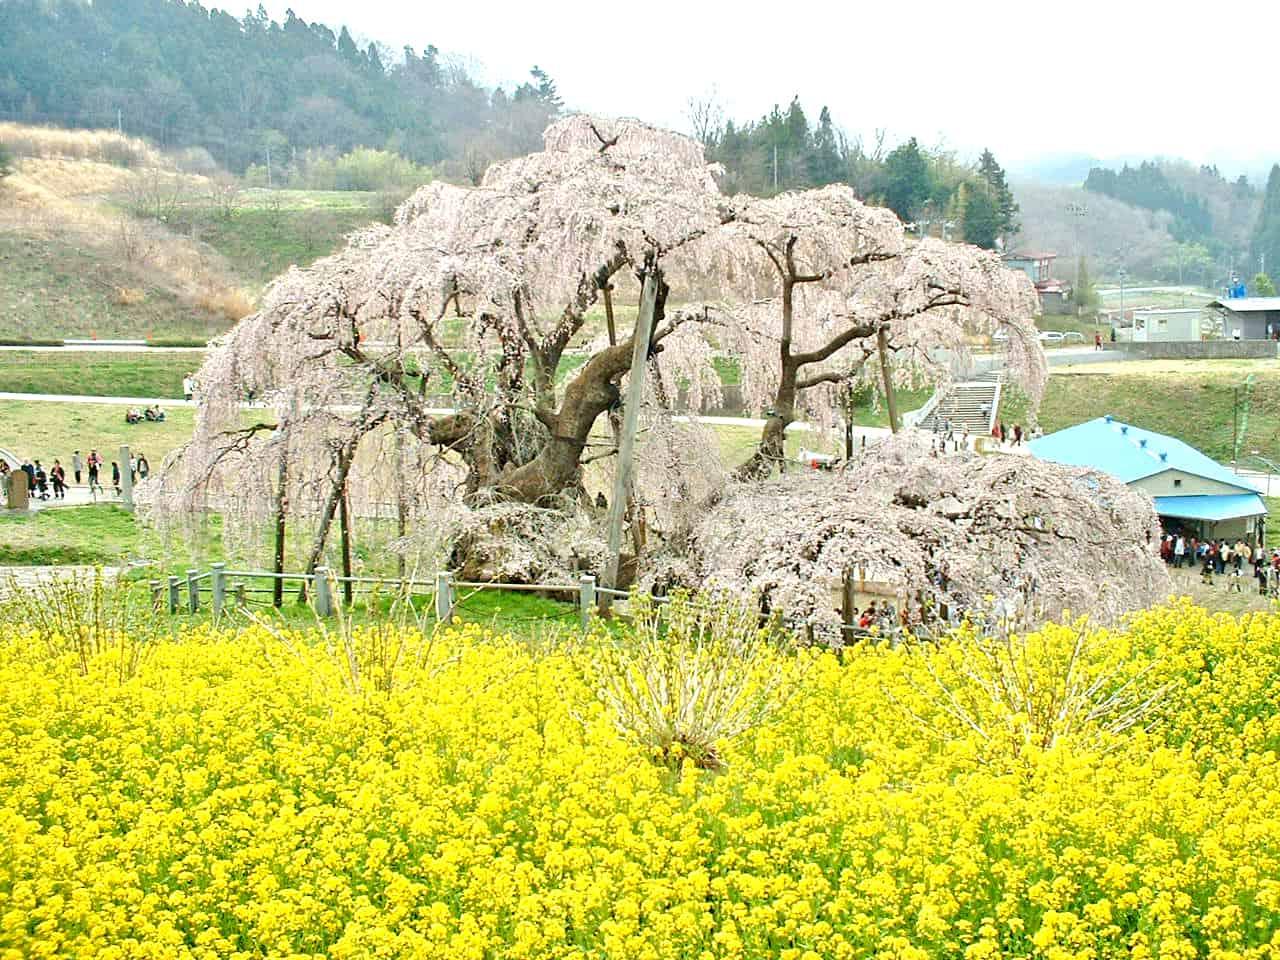 ต้นซากุระเก่าแก่กว่า 1,000 ปี ที่มิฮารุ ทากิซากุระ (Miharu Takizakura)